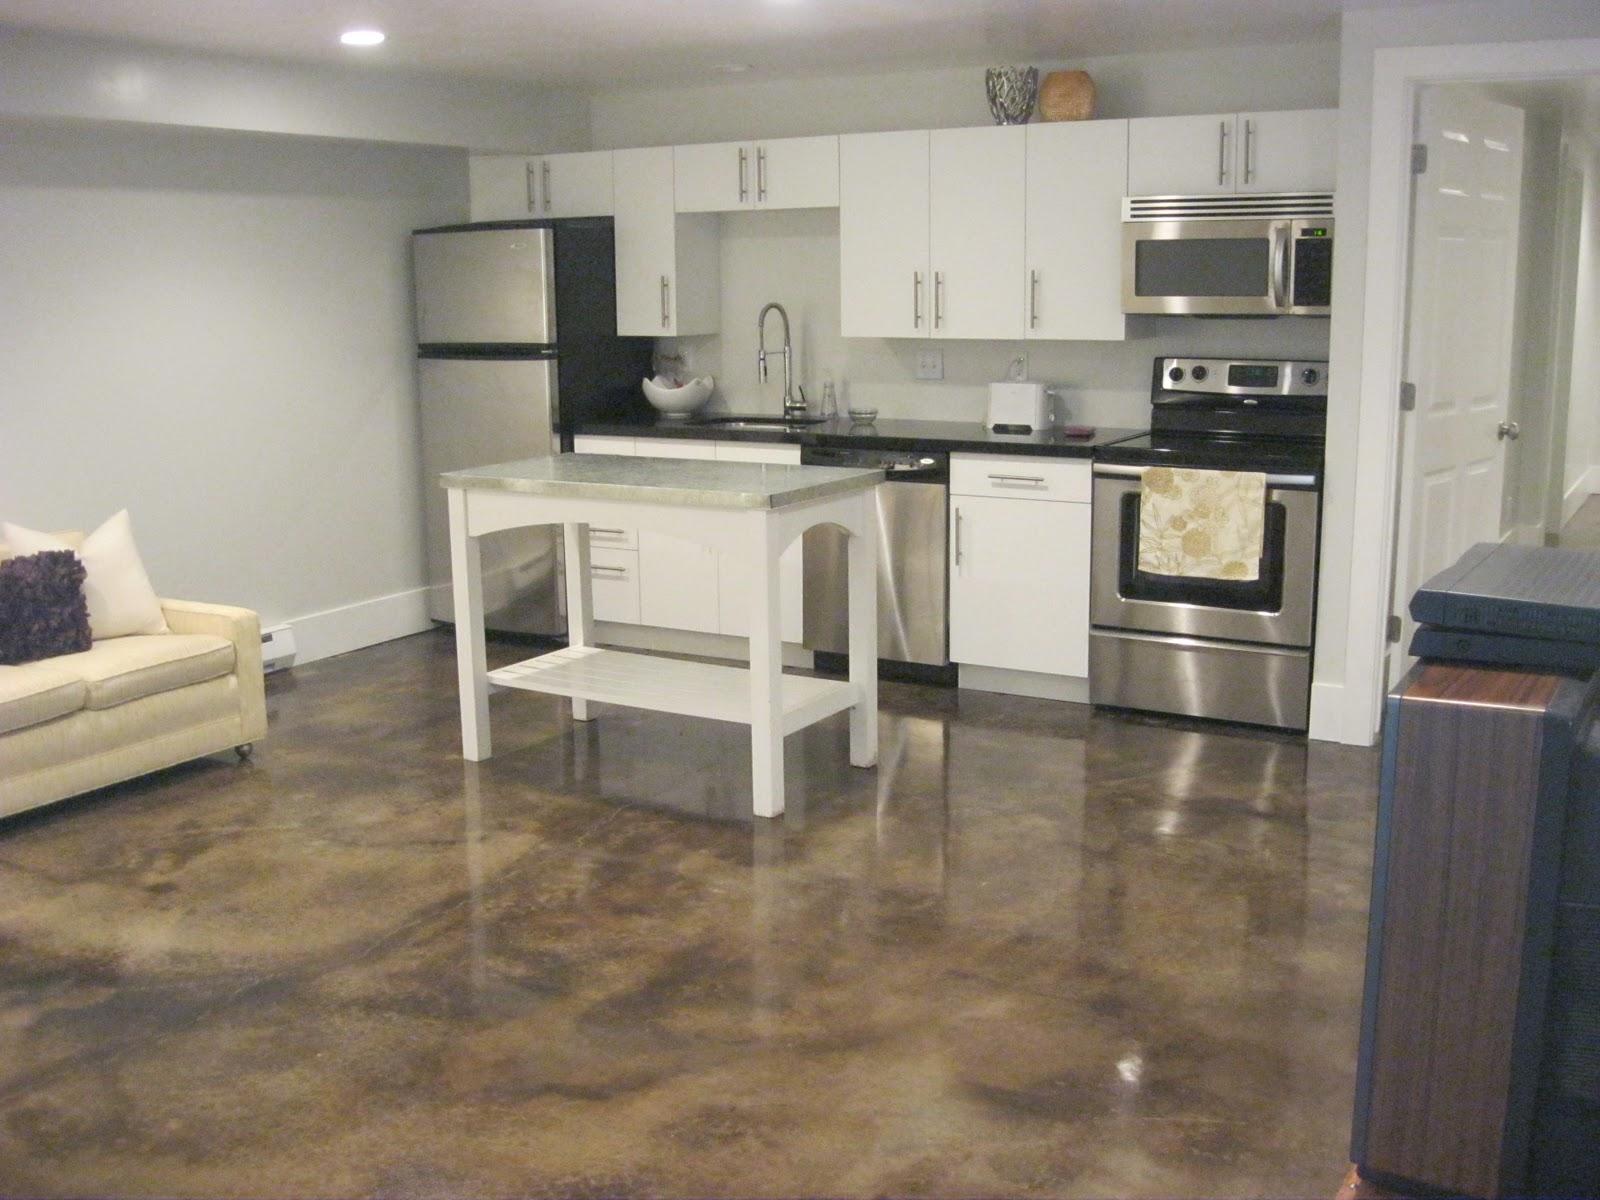 Studio Apartment Design Ideas 400 Square Feet | Apartment ...